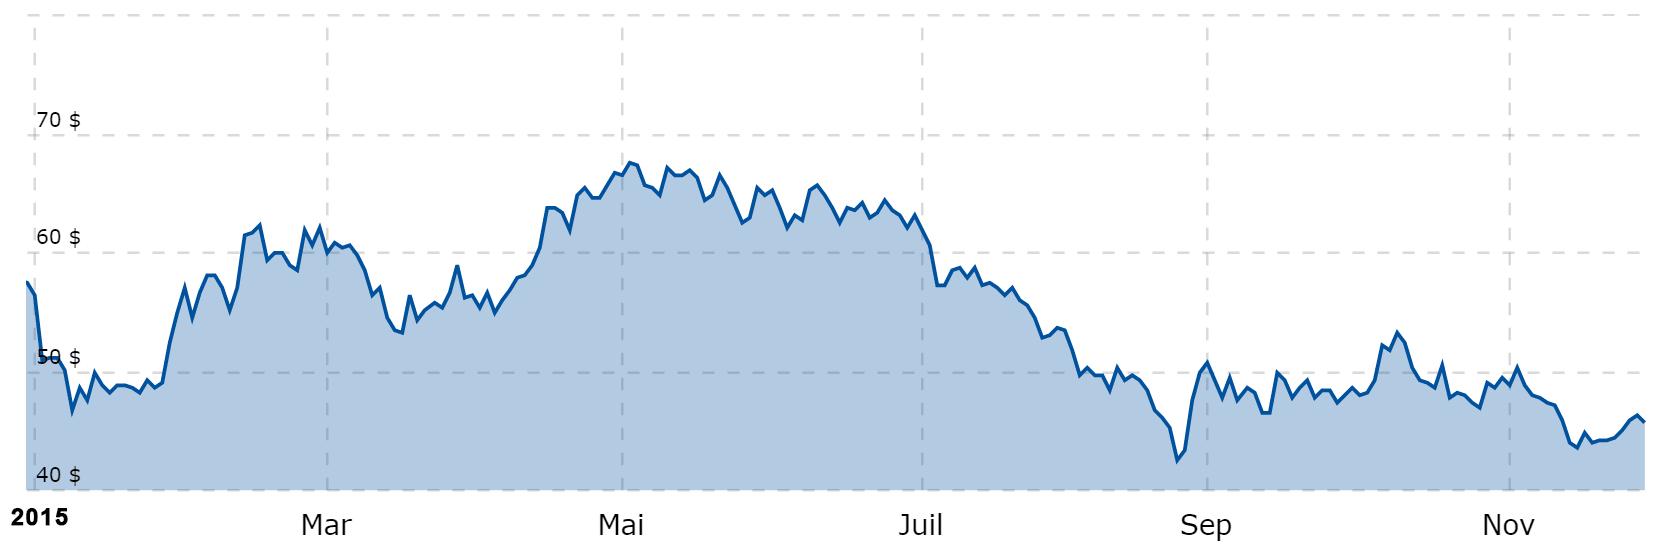 Evolution du cours du pétrole Brent depuis le début de l'année 2015 - Source : Boursorama